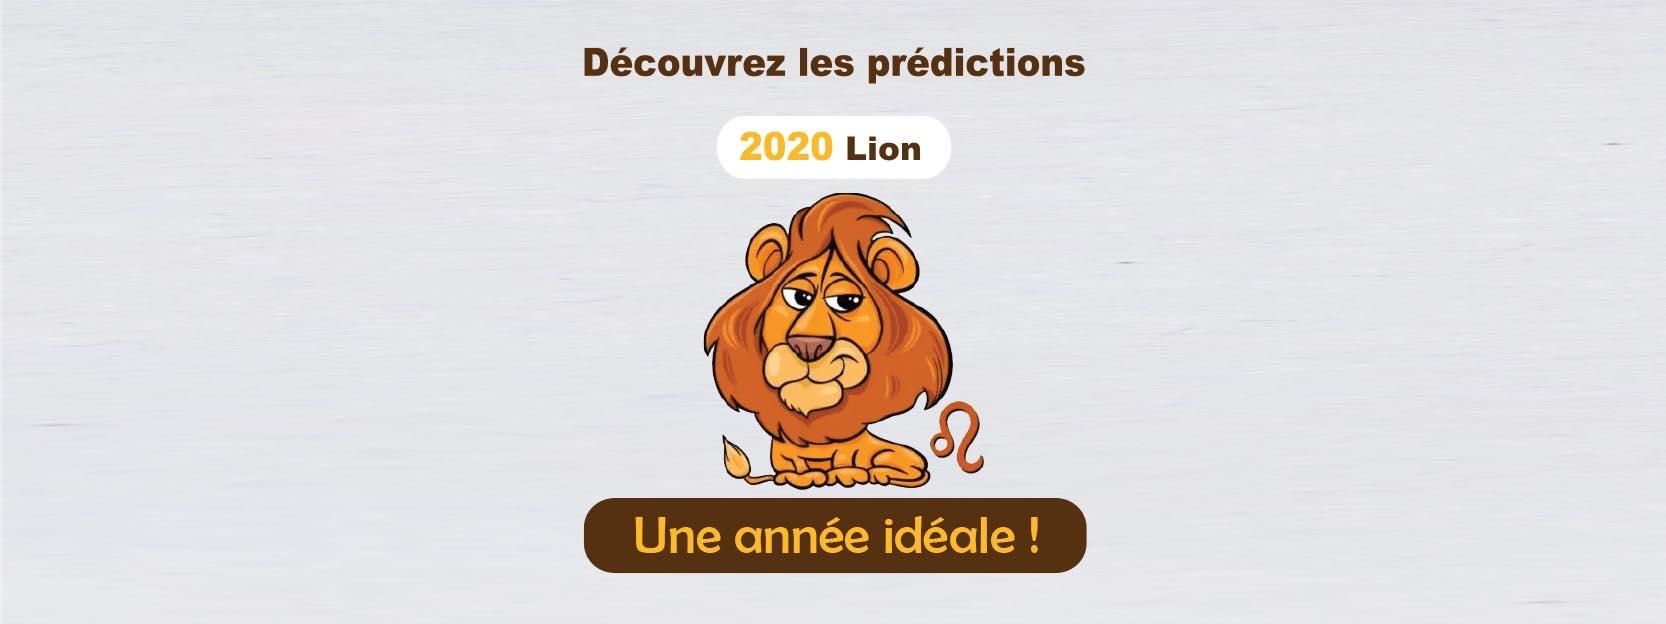 Prédiction 2020 Lion